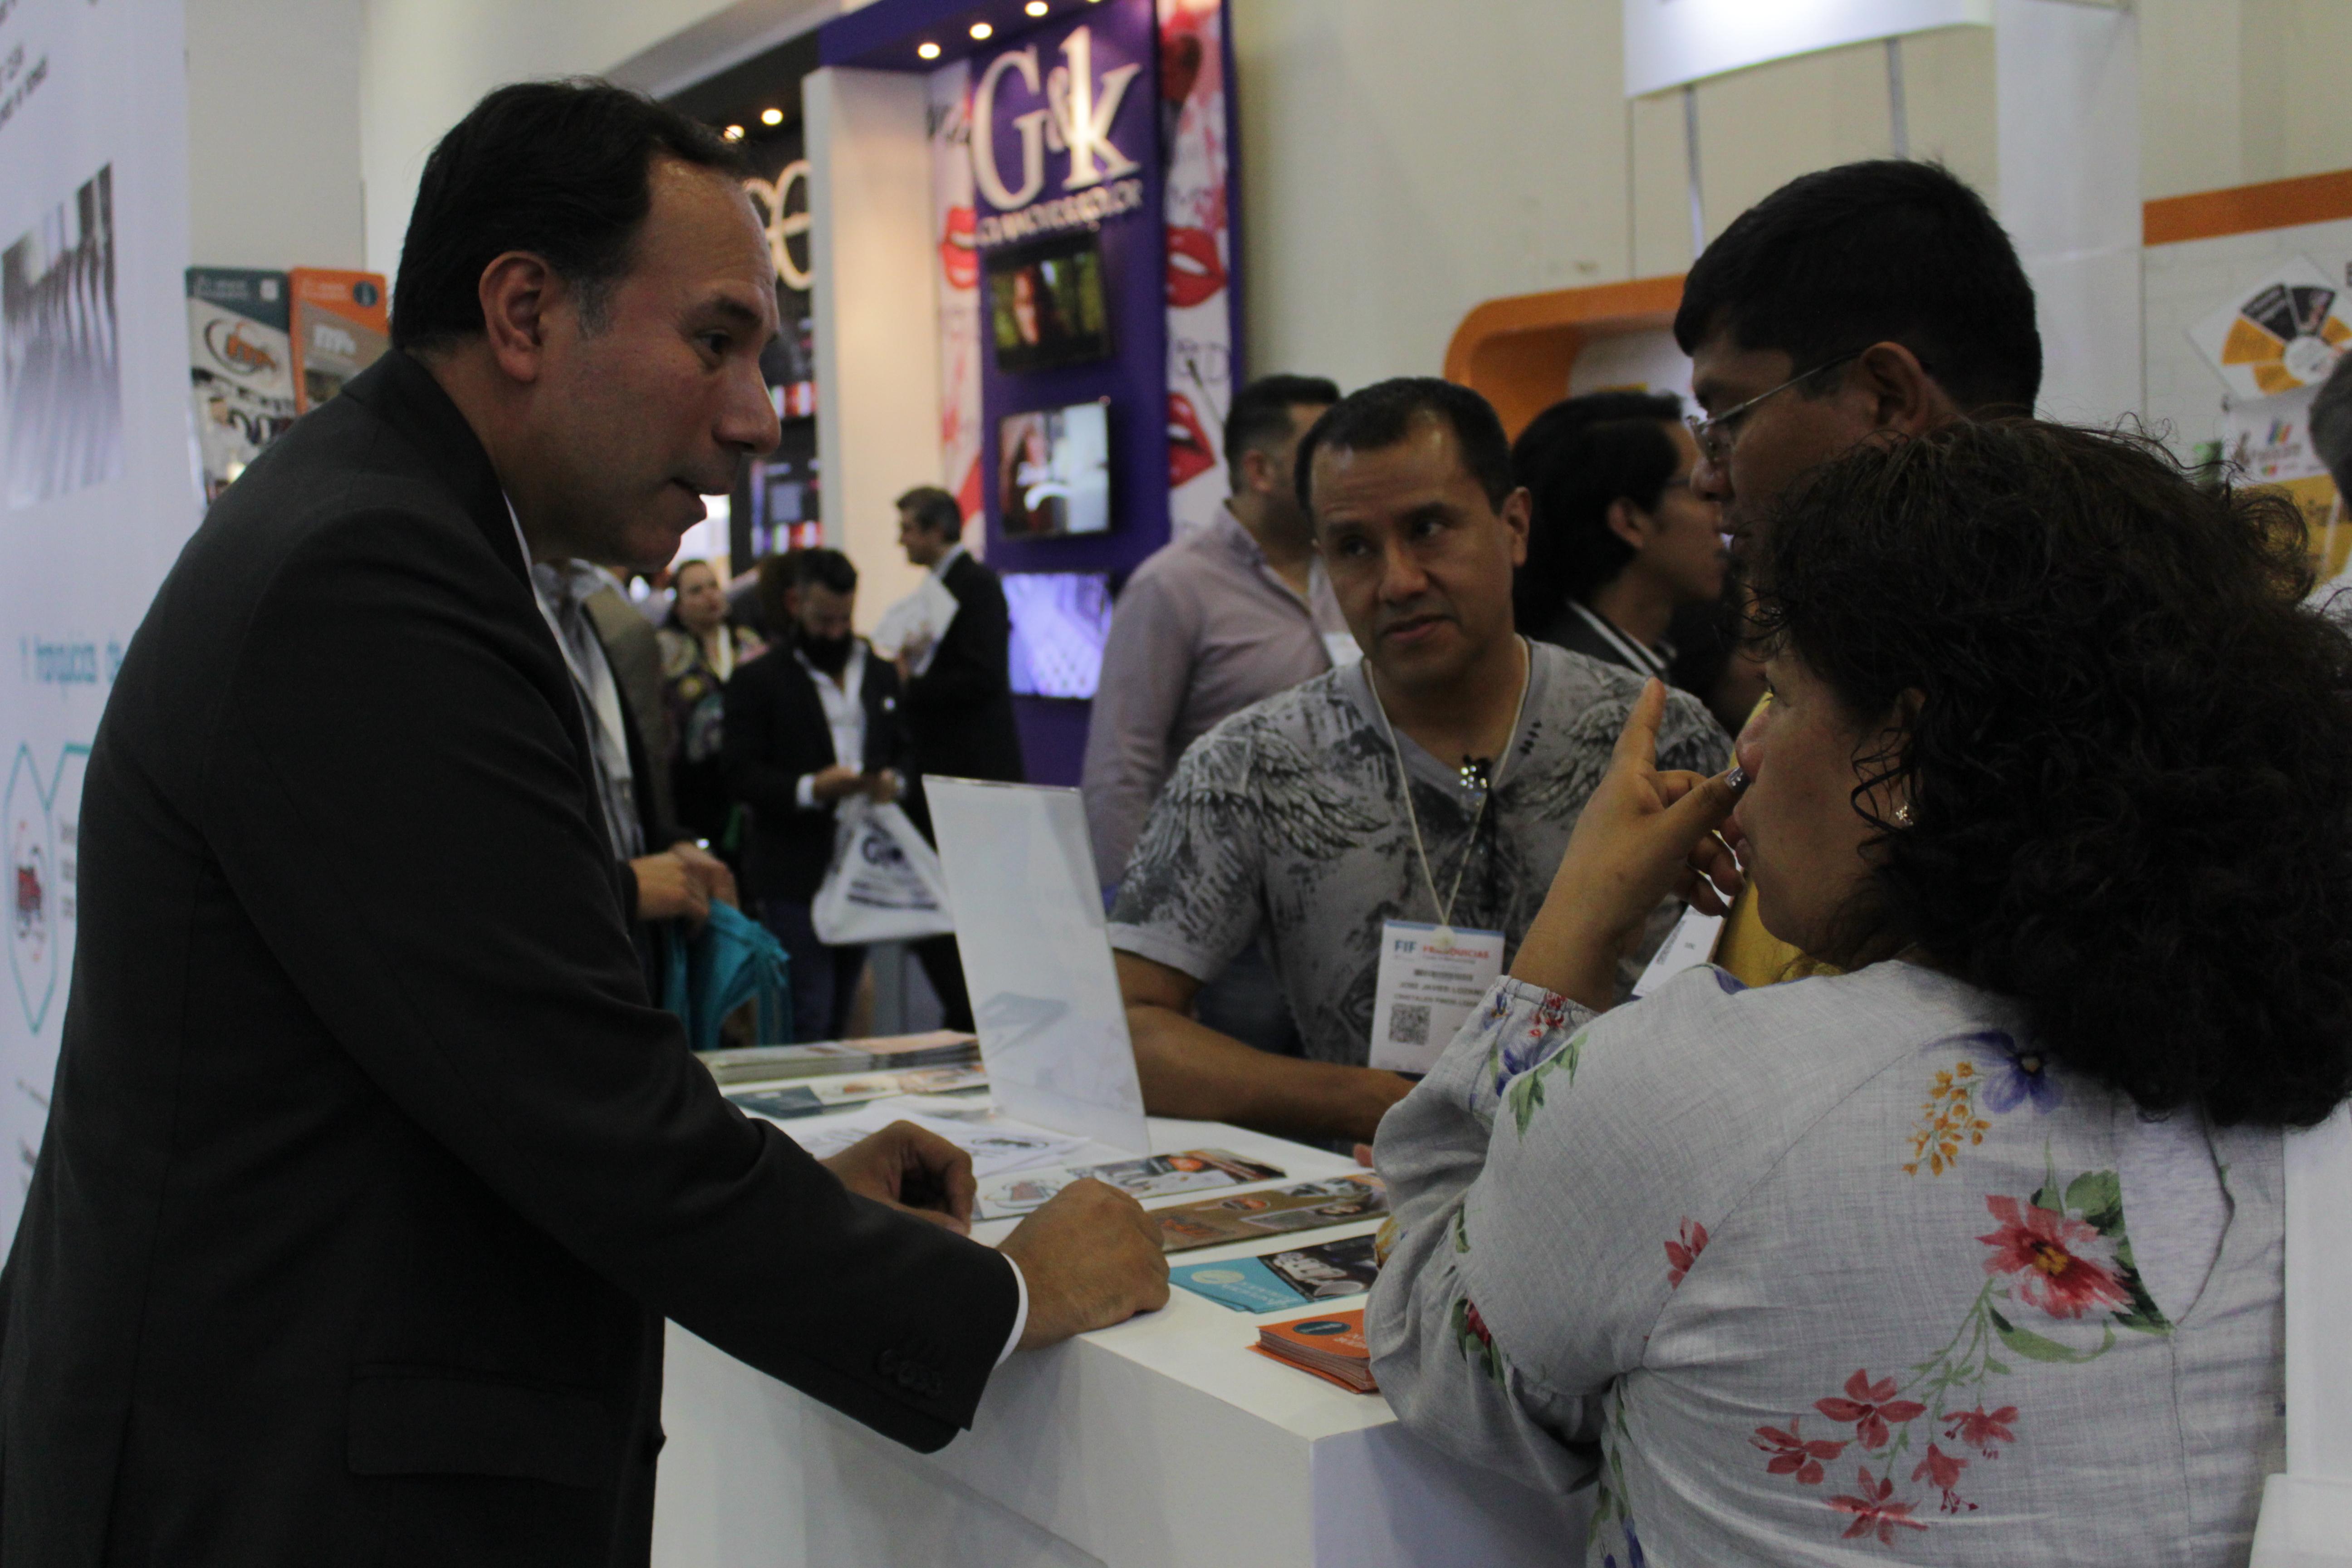 La Feria Internacional de Franquicias 2019 convocará a nuevos nichos de emprendedores como pensionados, mileniales, entre otros. (Foto Prensa Libre: Cortesía)